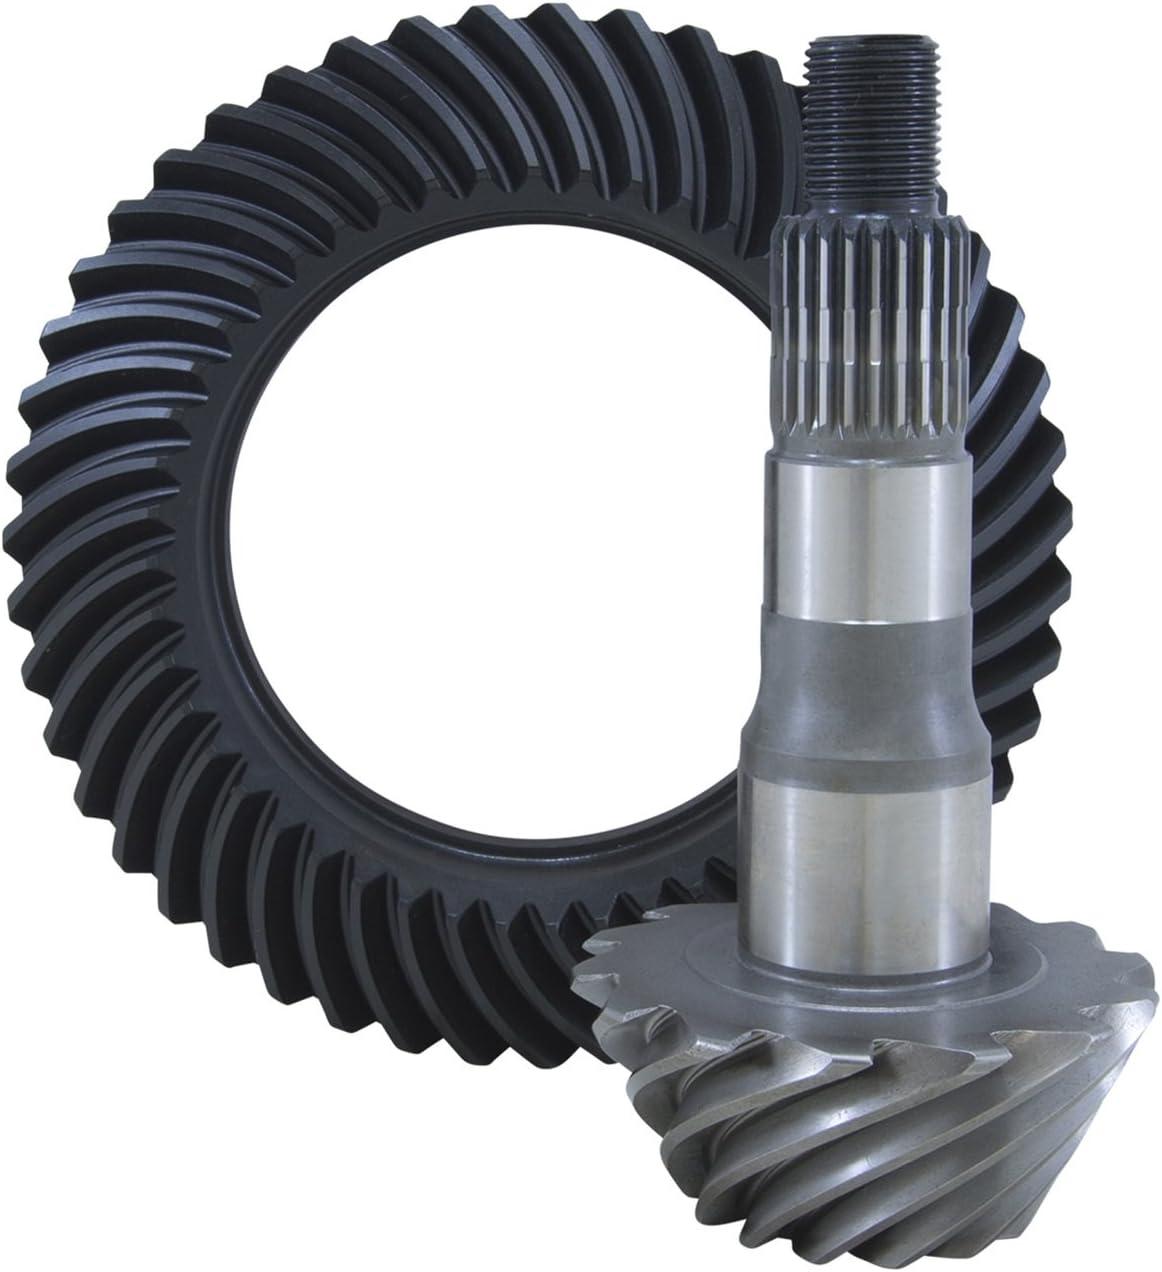 Yukon Gear Ring /& Pinion Sets YG TLCF-411R-29 Ring /& Pinion Gear Sets Yukon Gear /& Axle